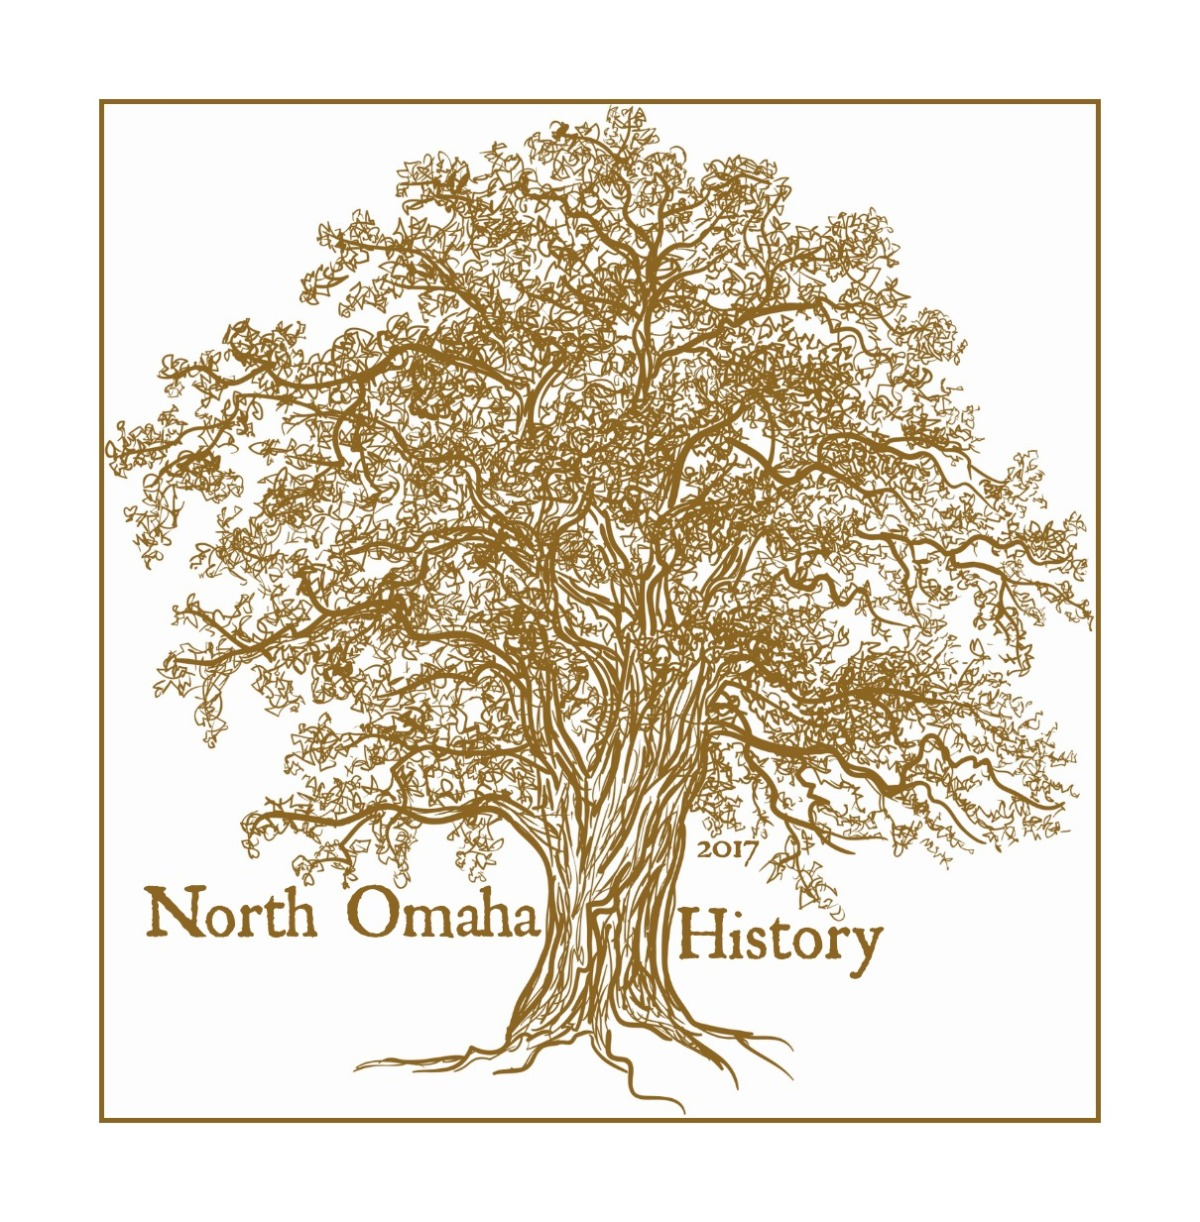 North Omaha History 2017 logo